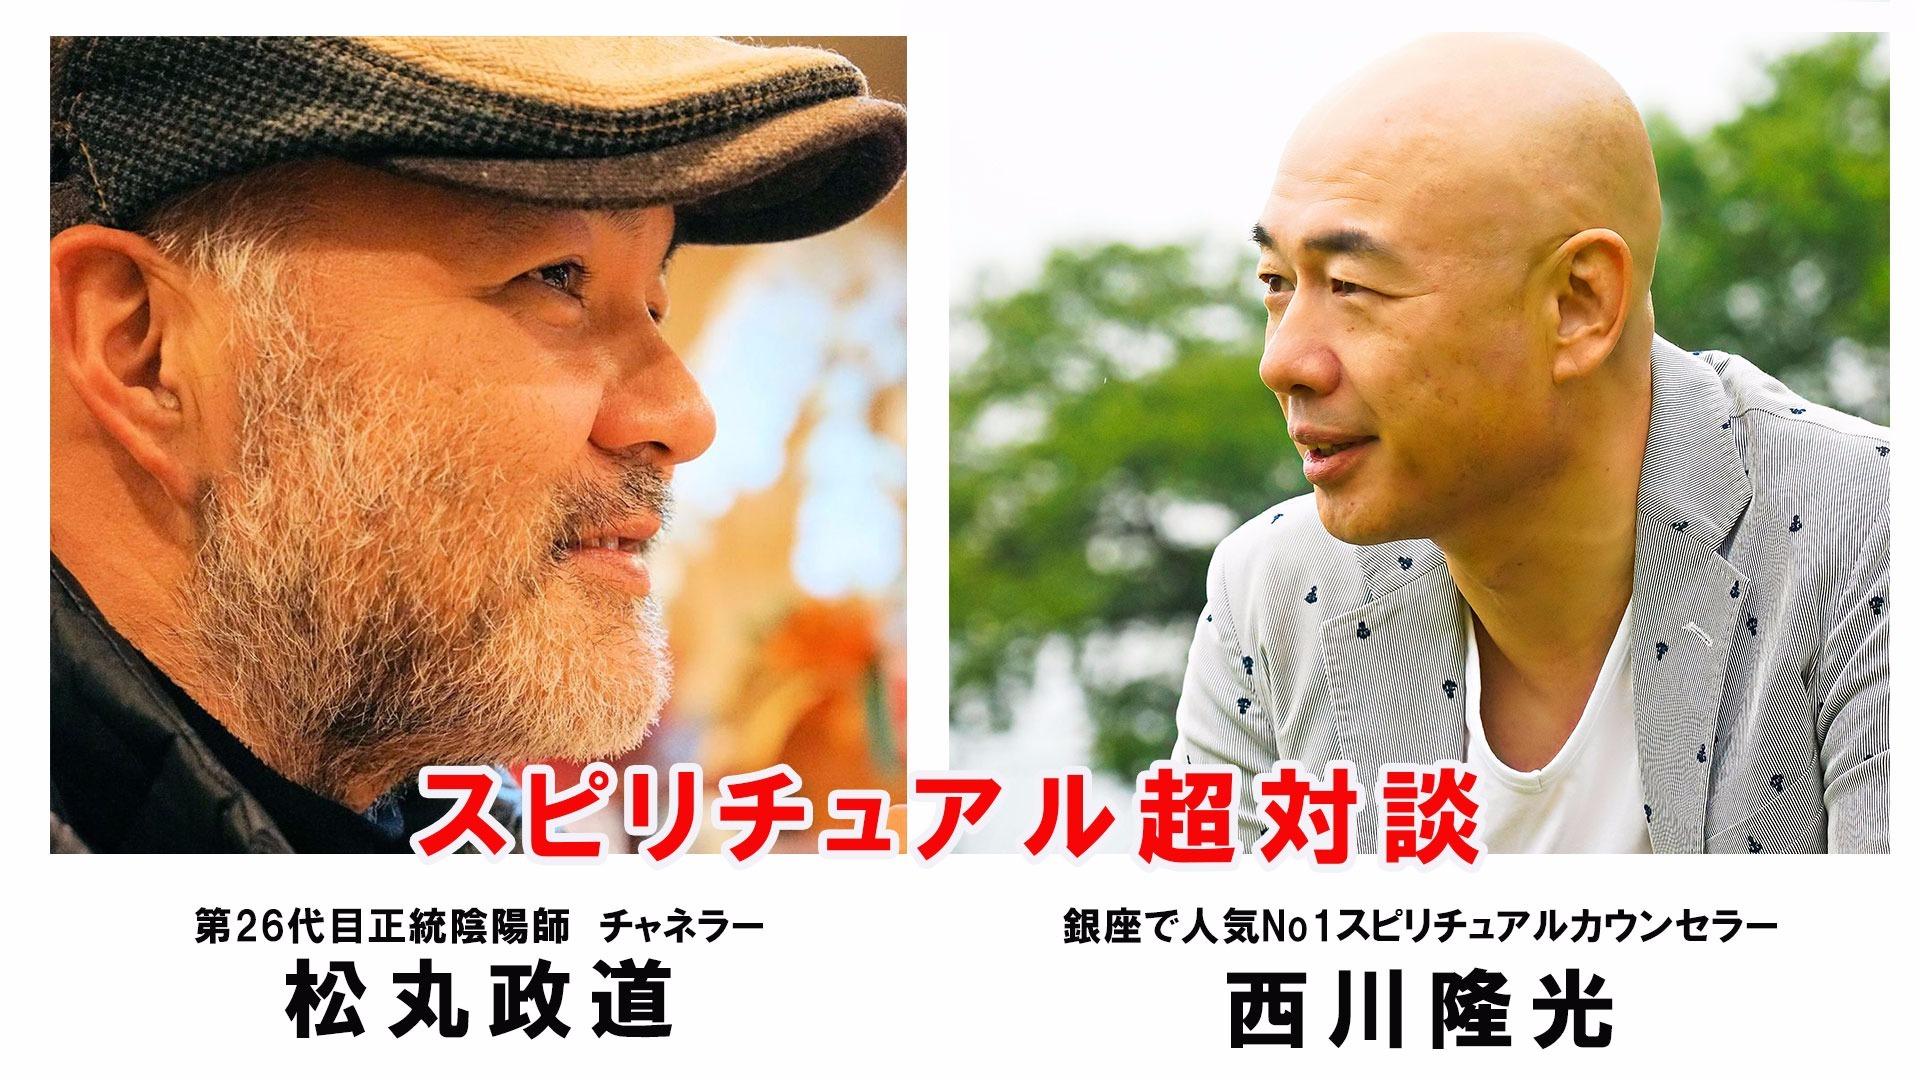 スピリチュアル超対談トークライブ【隆光&マサミチ】第3回目